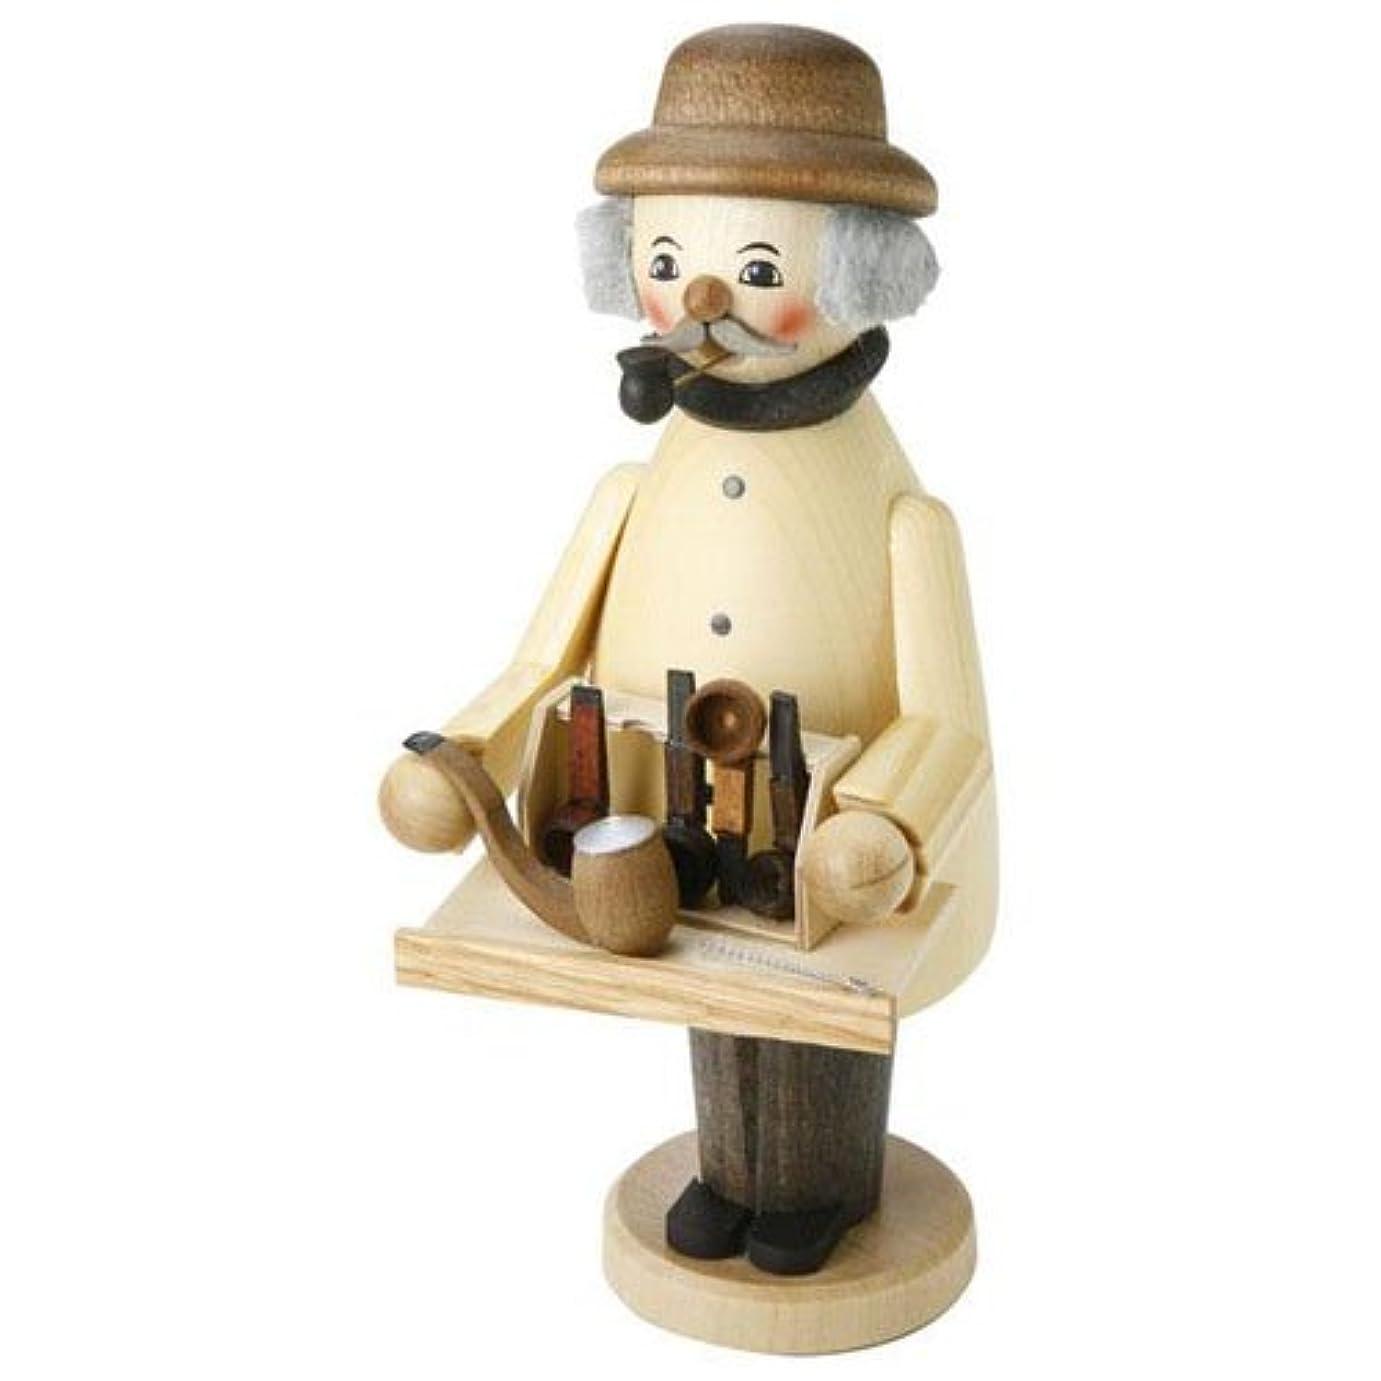 解放するまともなスクランブル39089 Kuhnert(クーネルト) ミニパイプ人形香炉 パイプ売り